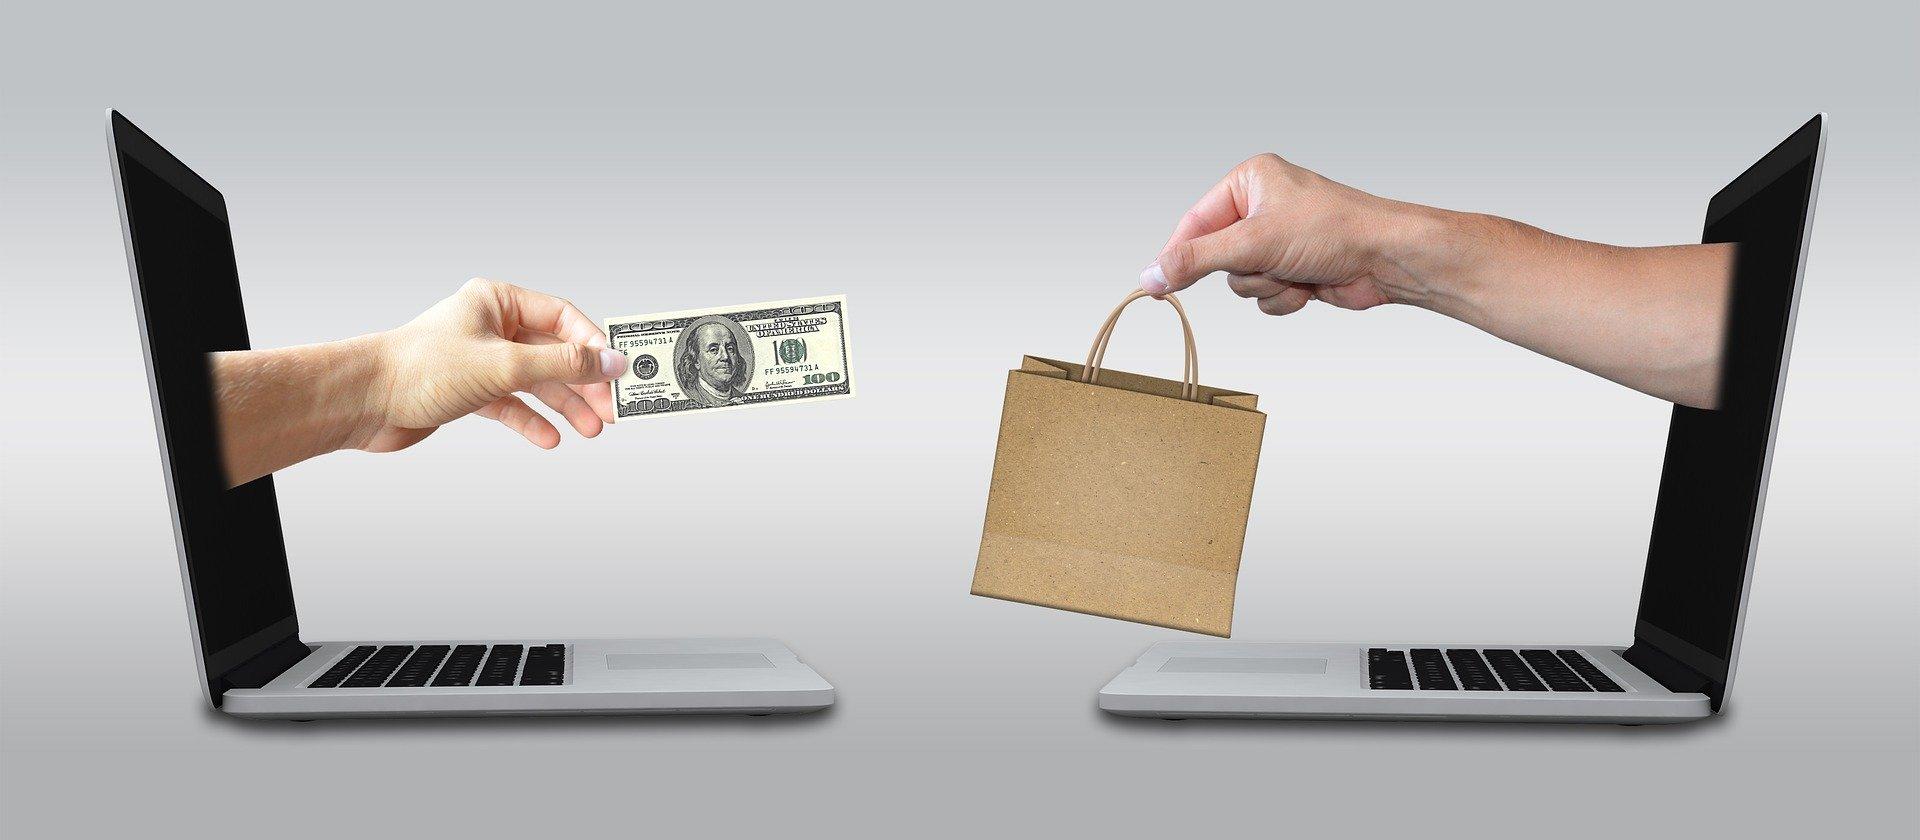 Einen Onlineshop aufbauen - darauf sollten Sie achten